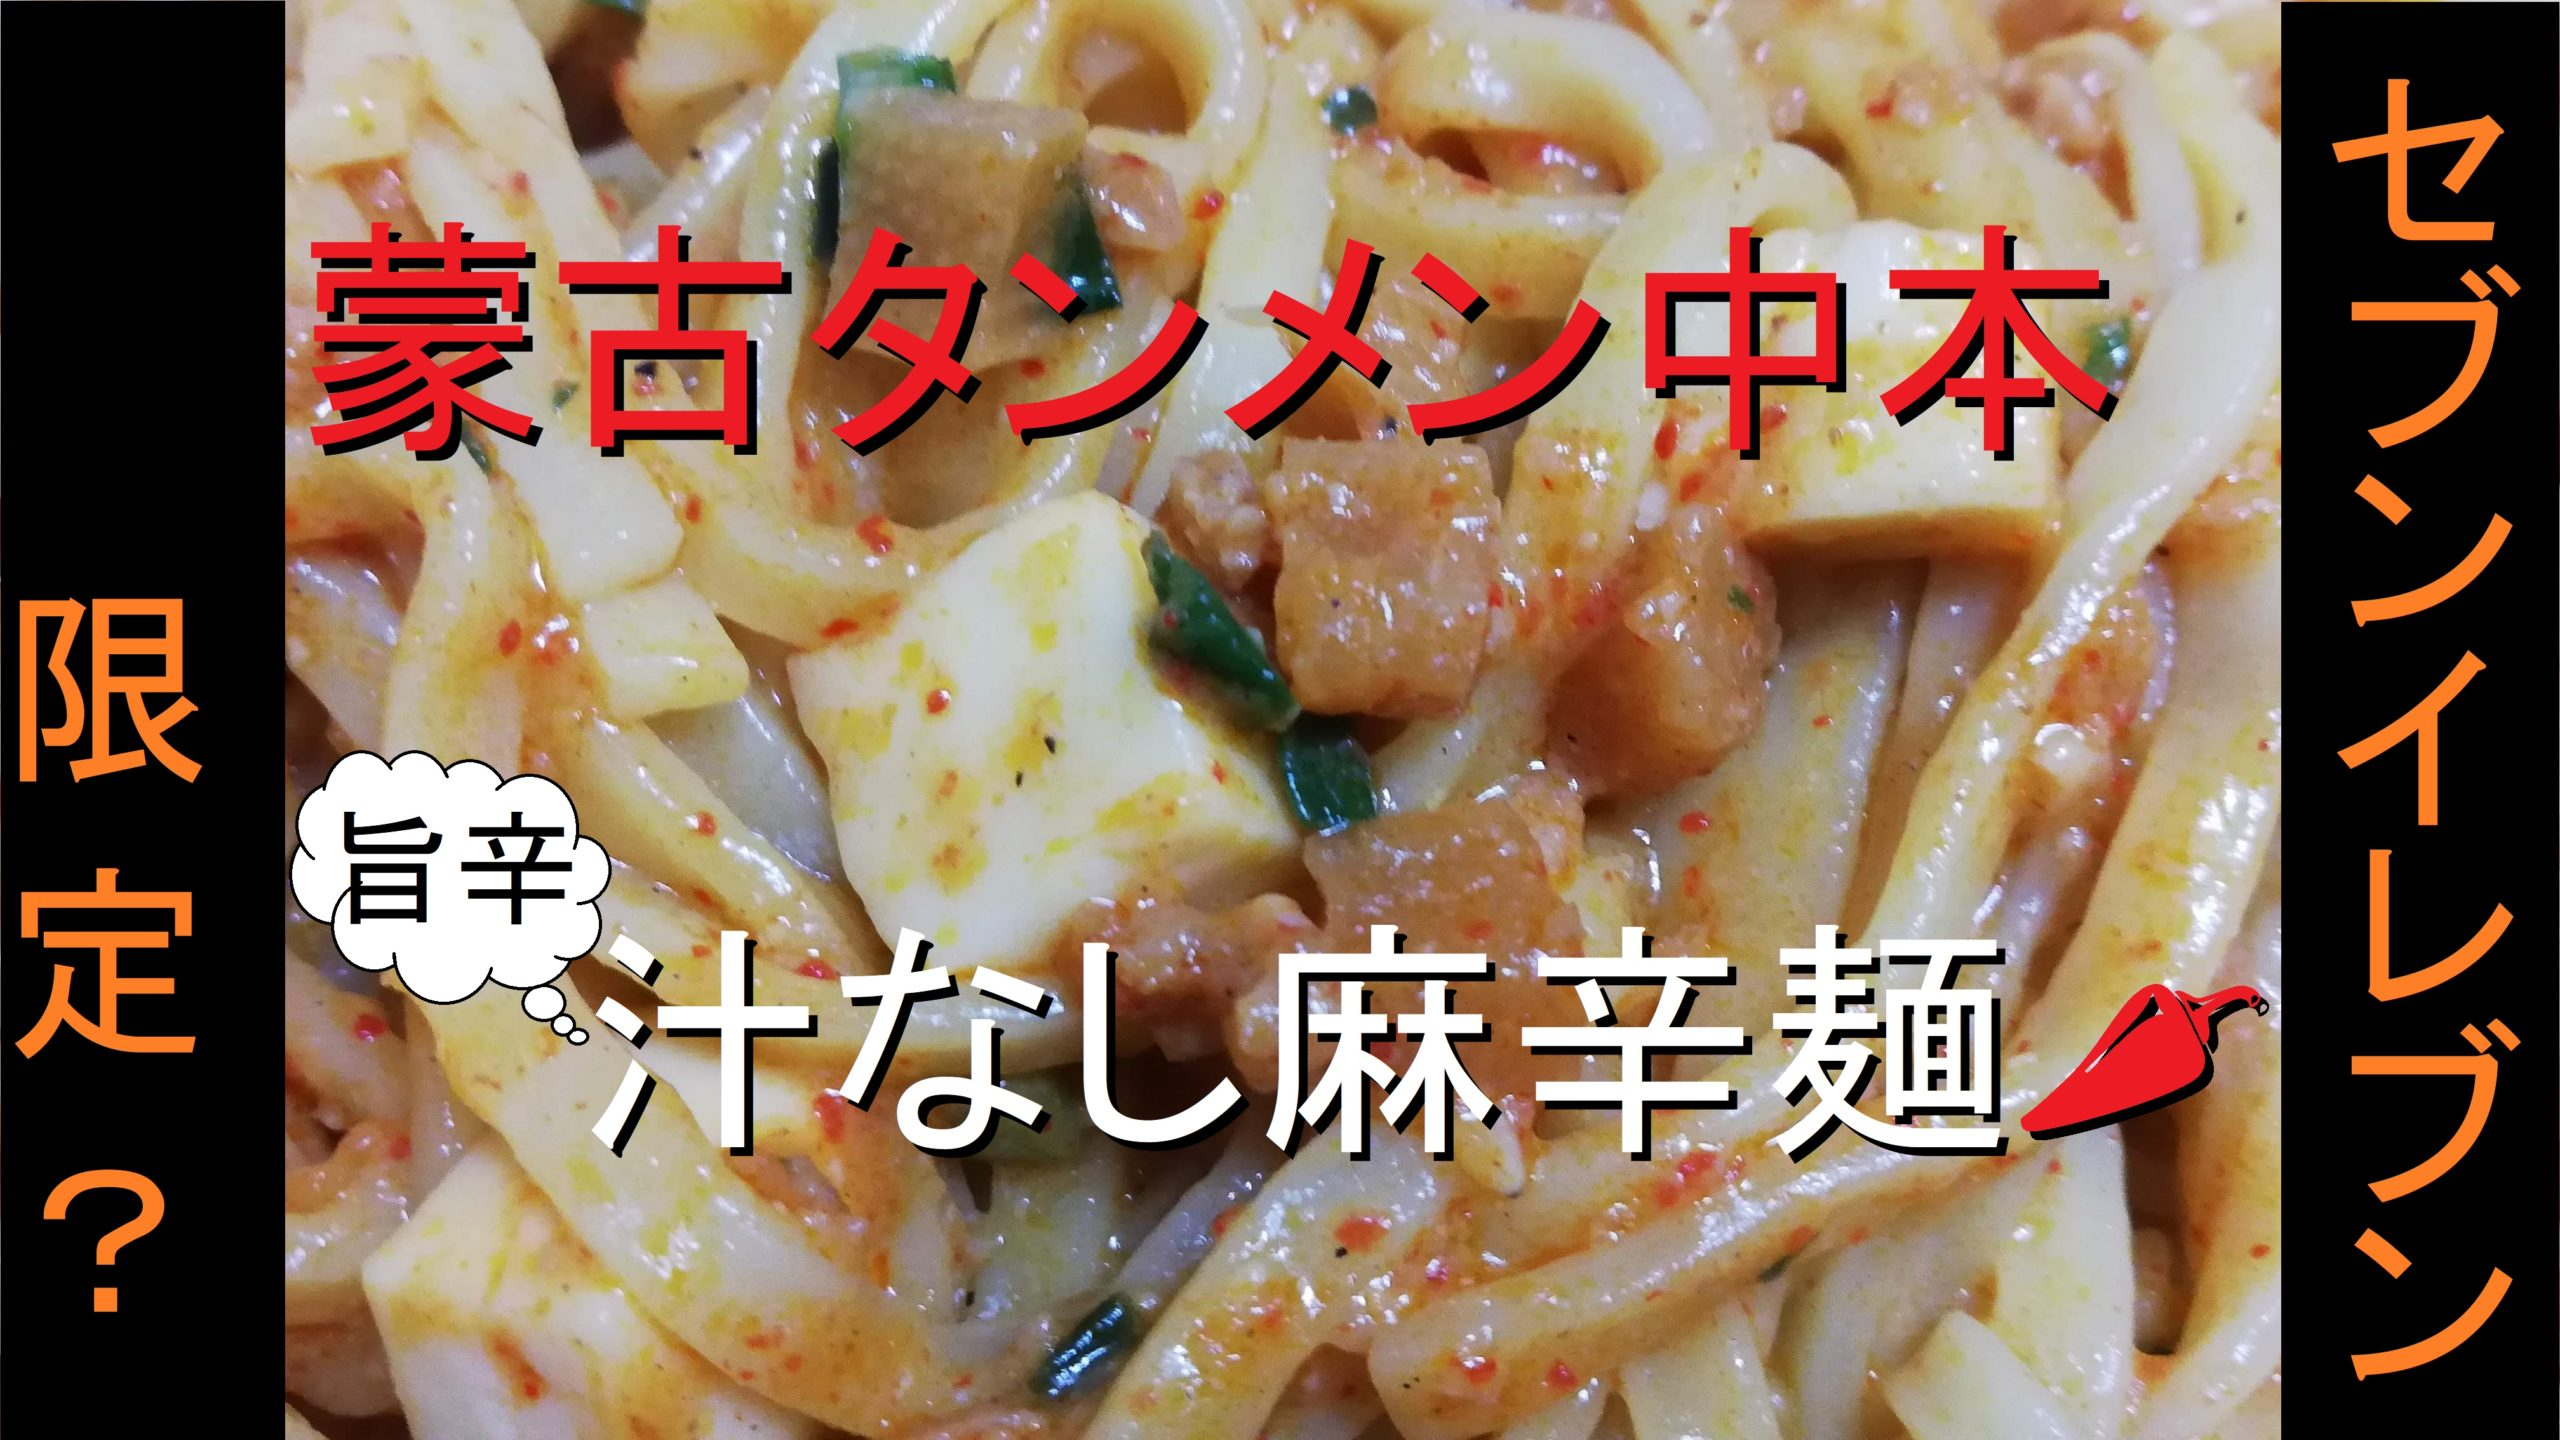 セブンイレブンの冷凍食品「蒙古タンメン中本 辛旨汁なし麻辛麺」のアイキャッチ画像